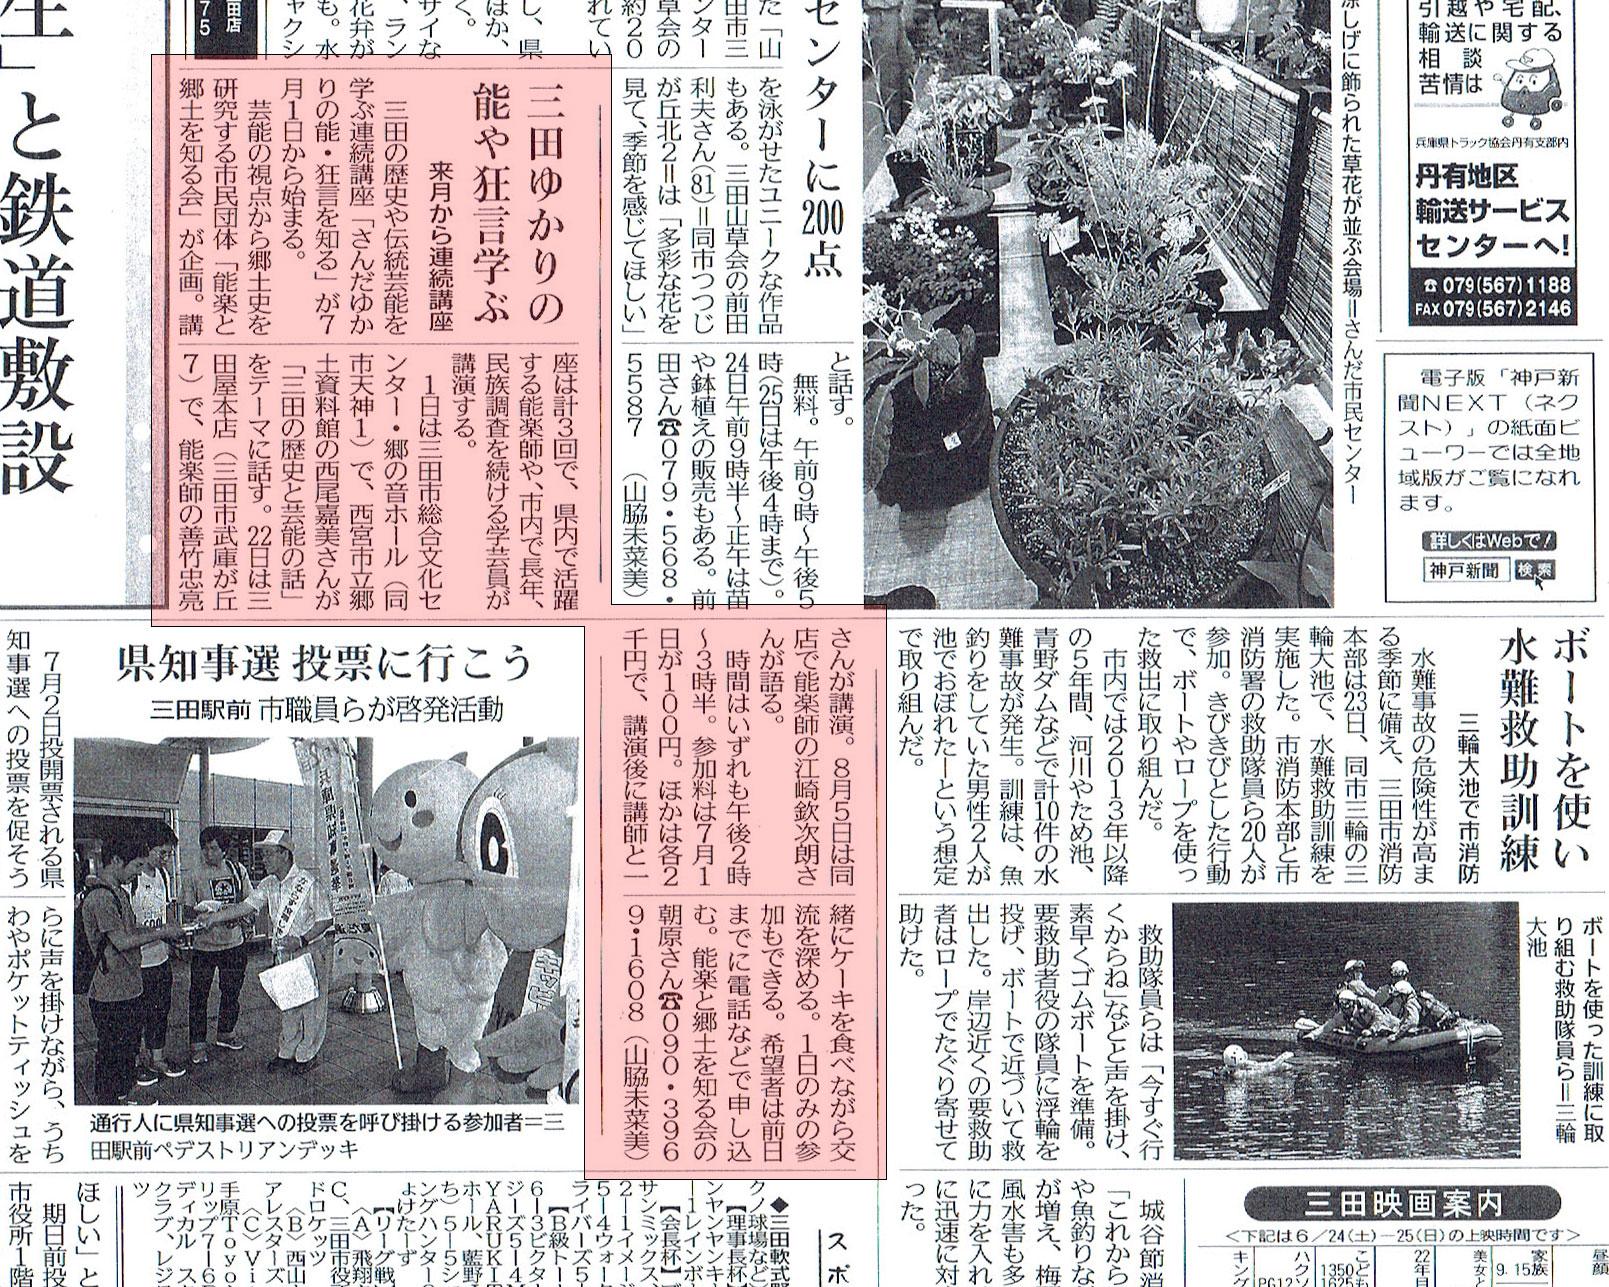 神戸新聞「さんだゆかりの能・狂言を知る」